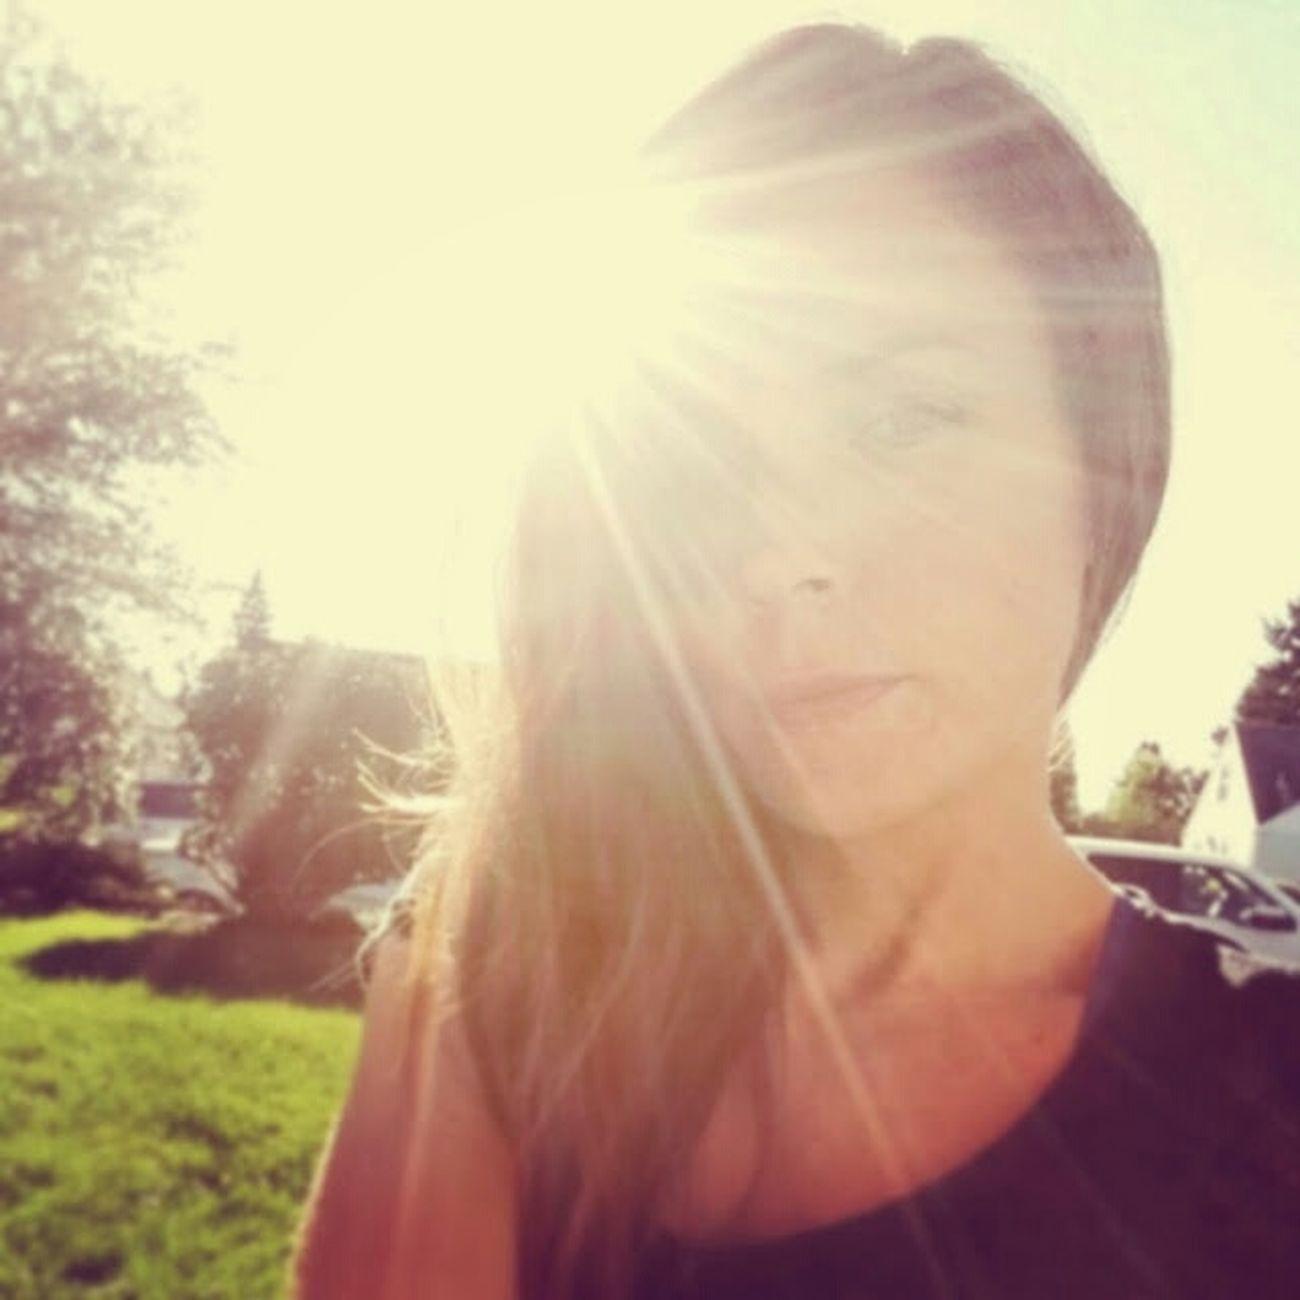 so bright.